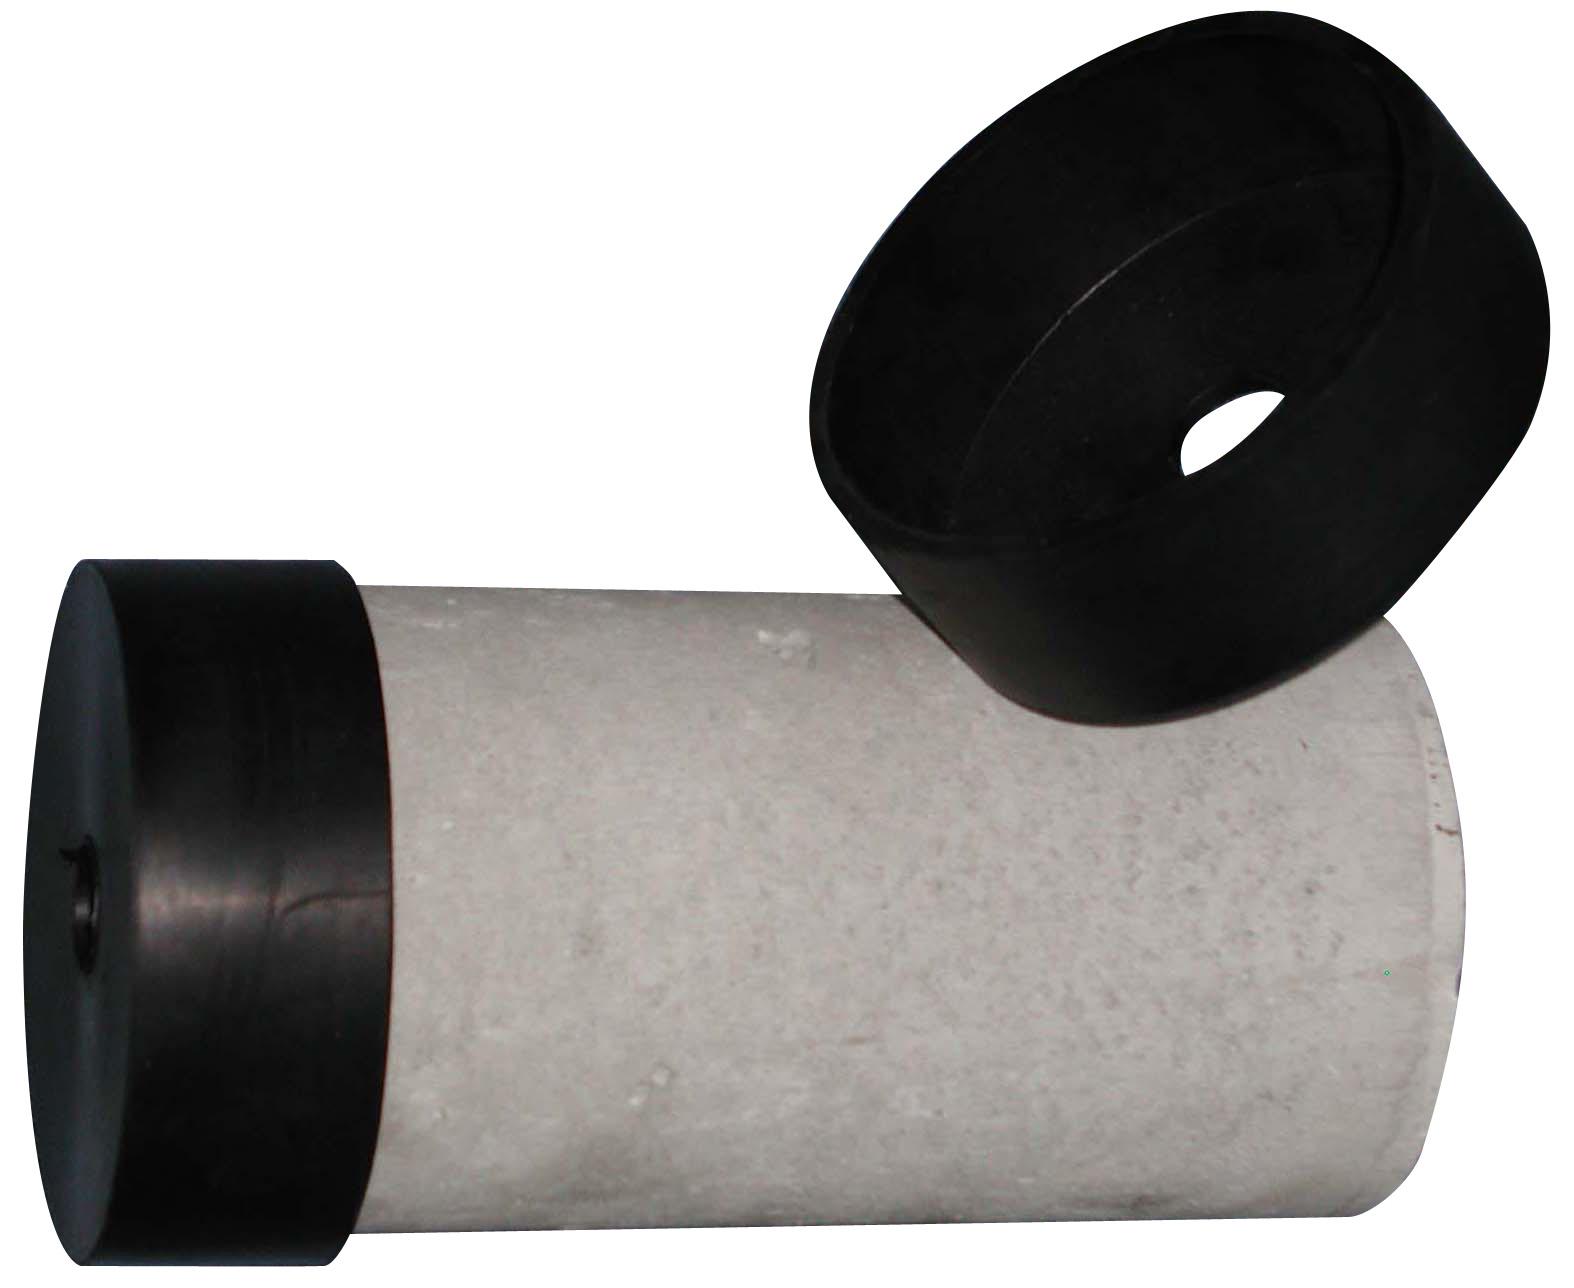 圧縮供試体保護用ゴムキャップ A:φ100x200用 B:φ125x250用